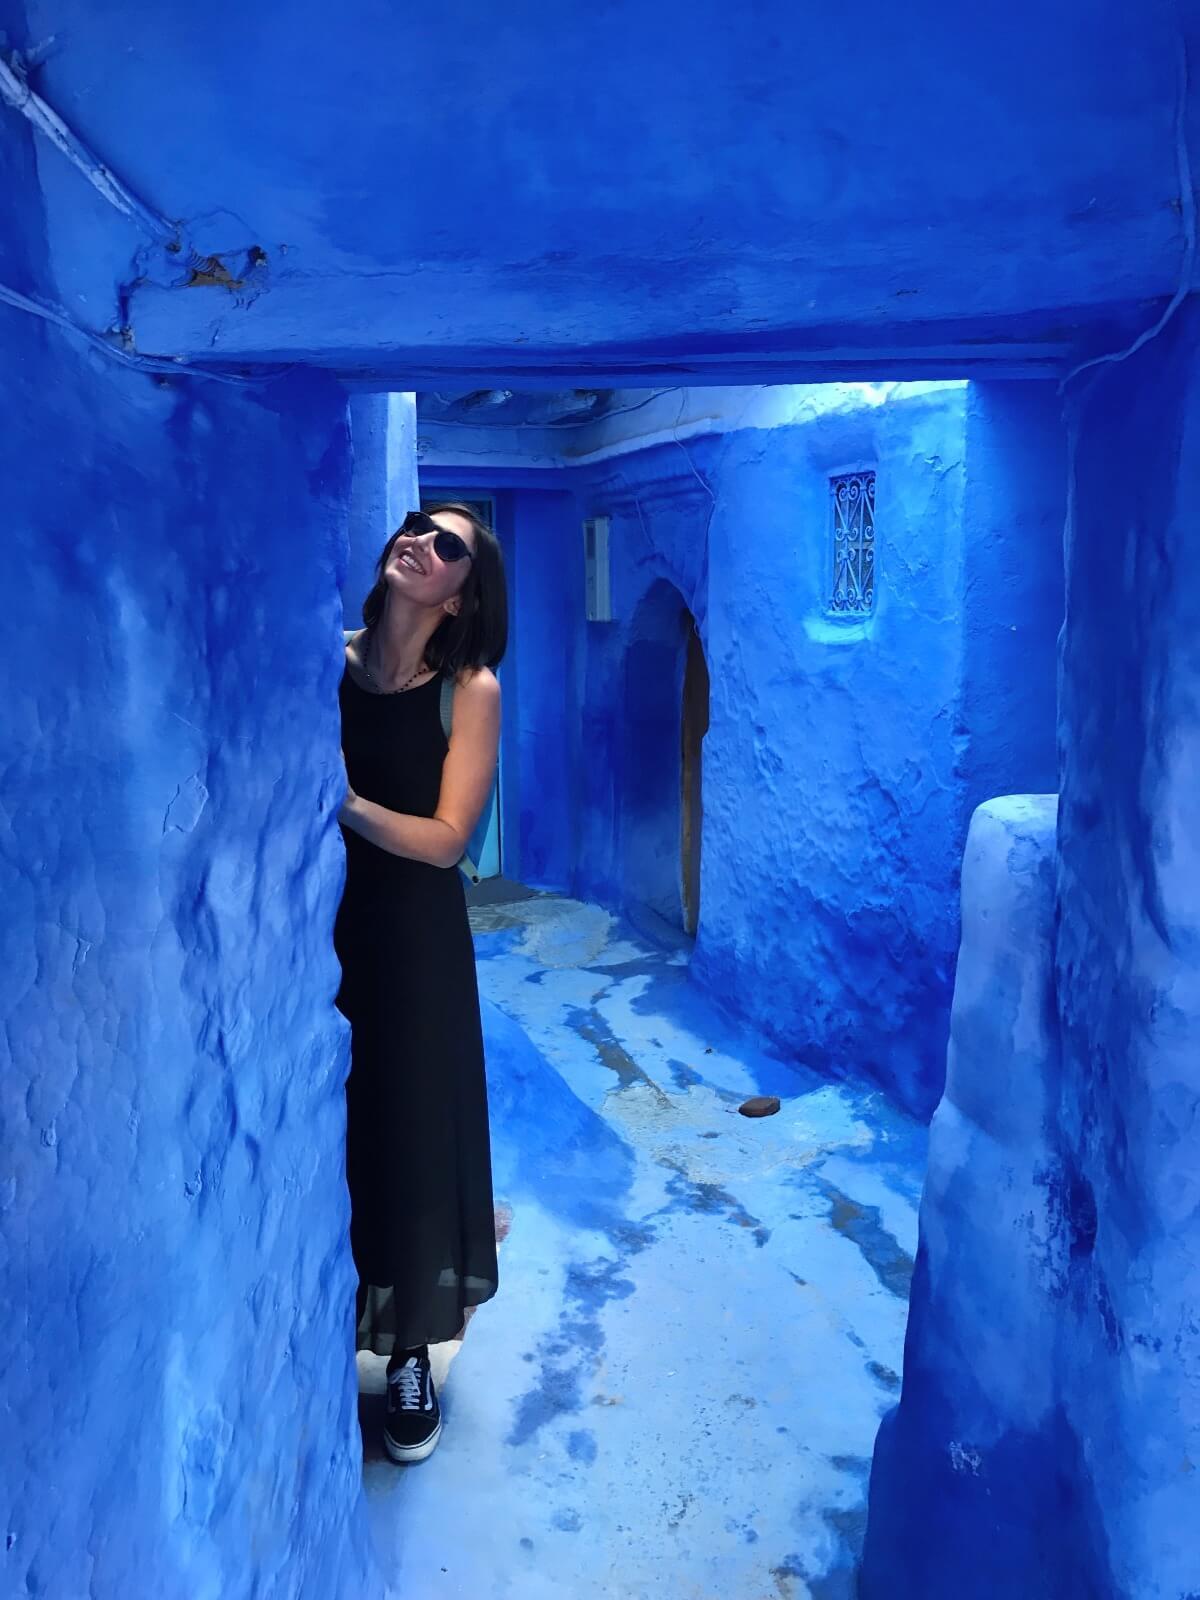 Ragazza vestita di nero nel mezzo di una strada tutta blu